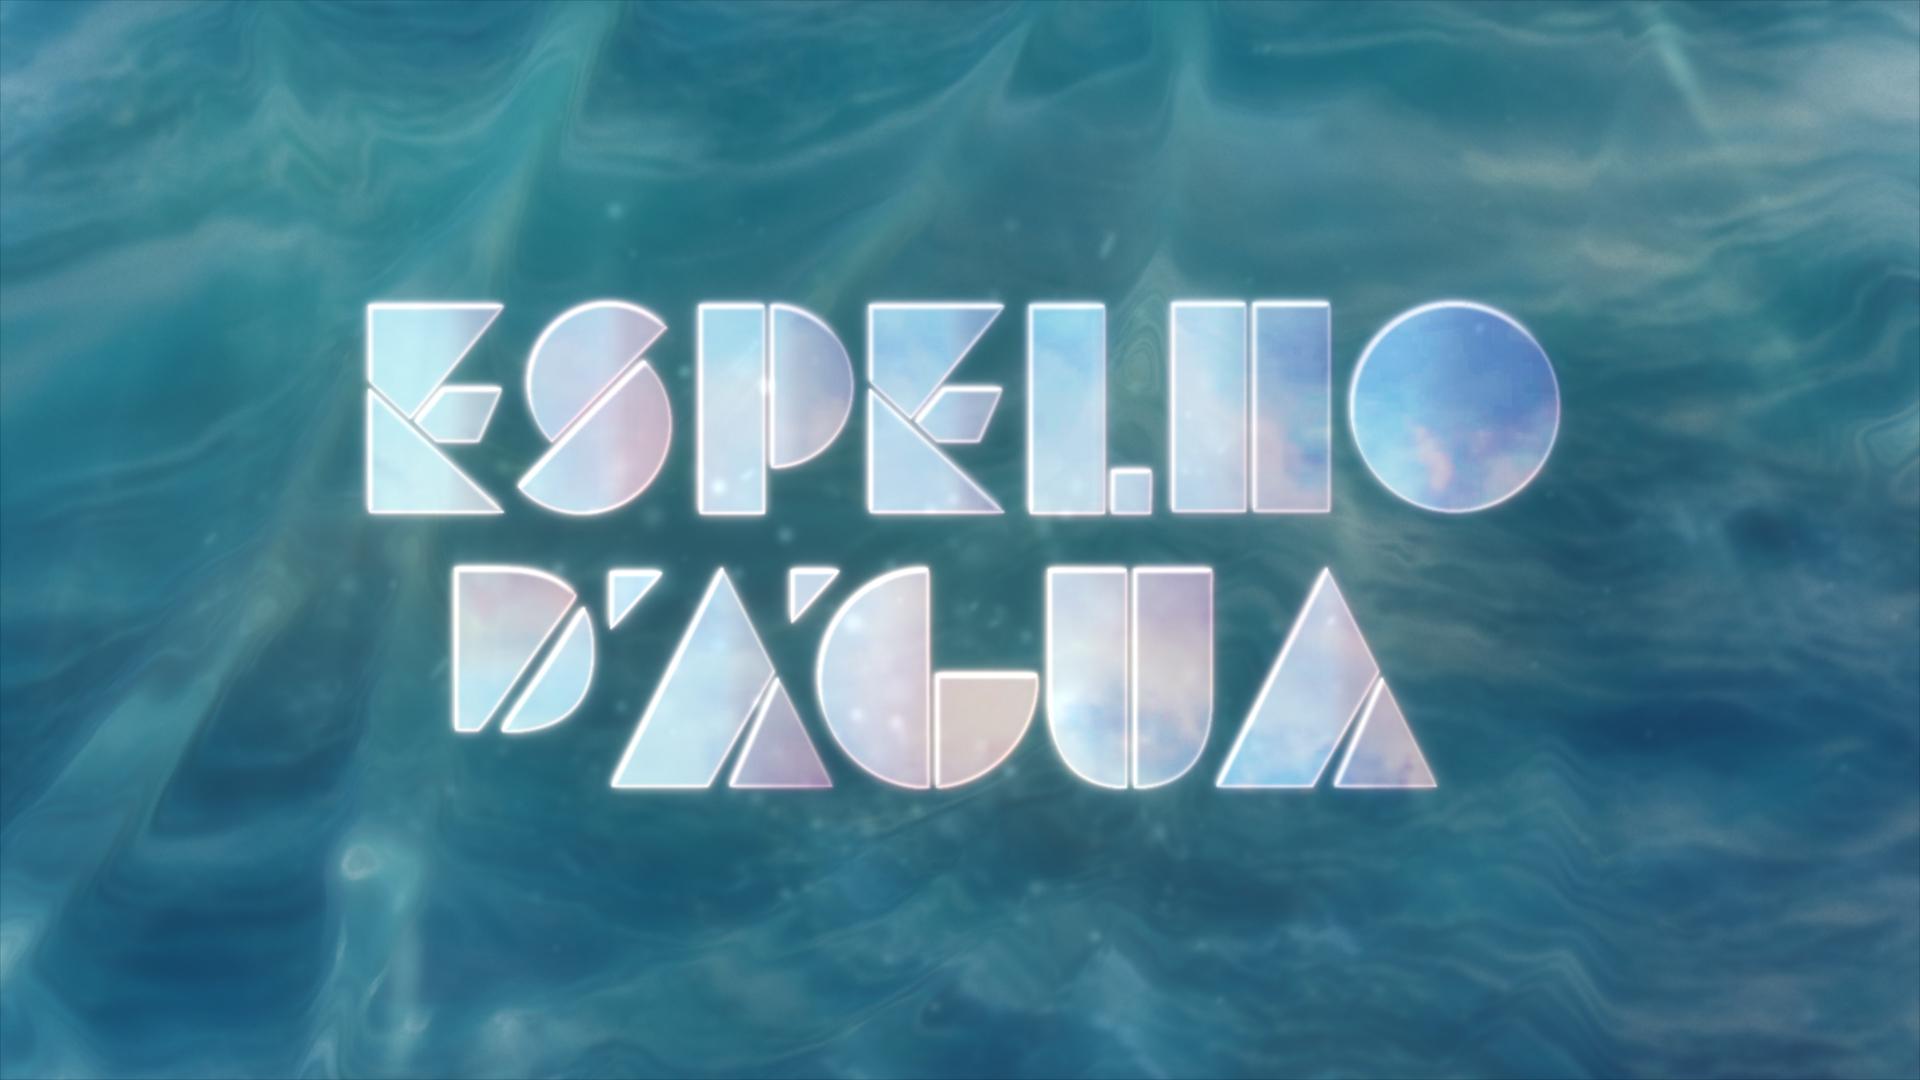 Espelho Dagua Logo Atelevisao «Espelho D' Água» Abaixo De Um Milhão De Telespectadores Pela Primeira Vez